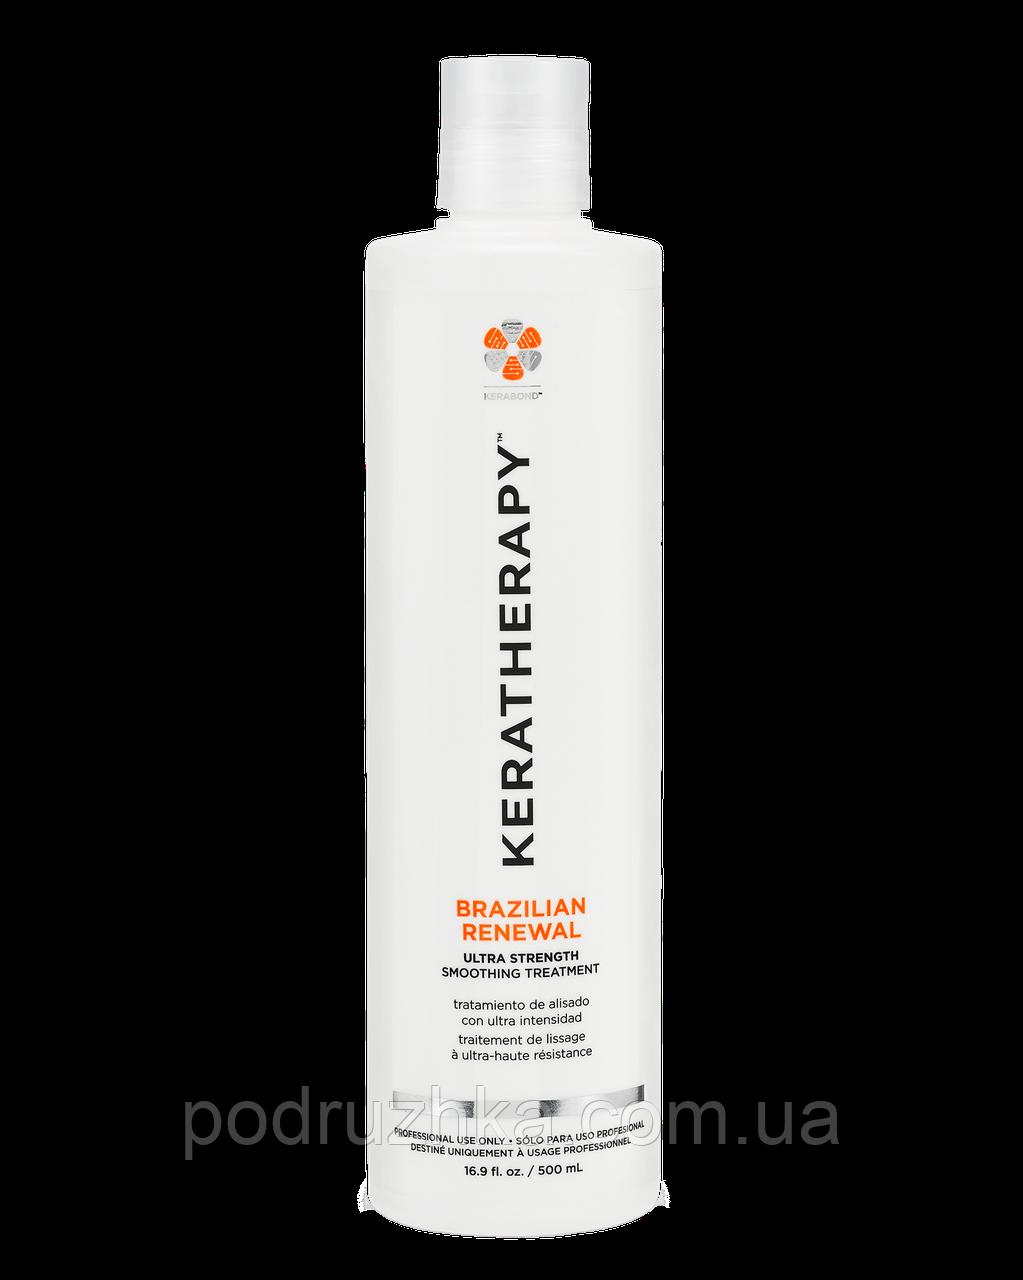 Кератин для выпрямления Keratherapy Brazilian Renewal 100 ml